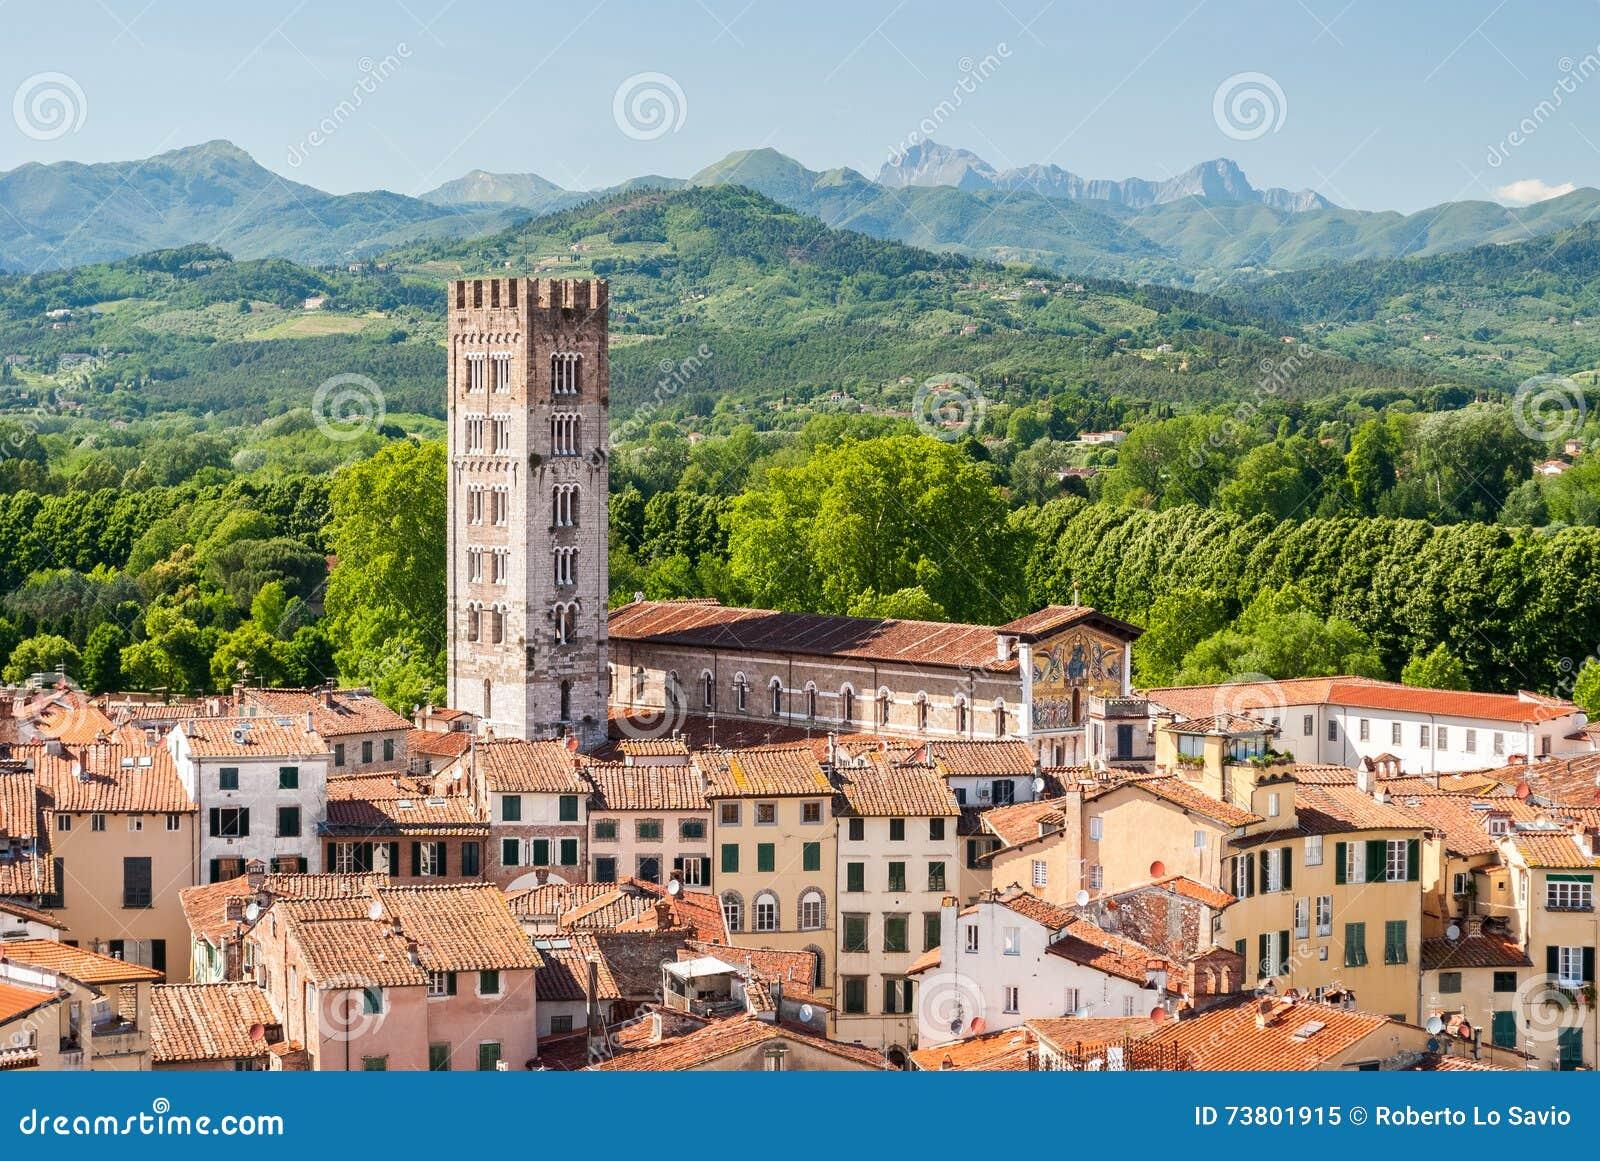 Widok z lotu ptaka Lucca, w Tuscany, podczas pogodnego popołudnia; dzwonkowy wierza należy San Frediano kościół